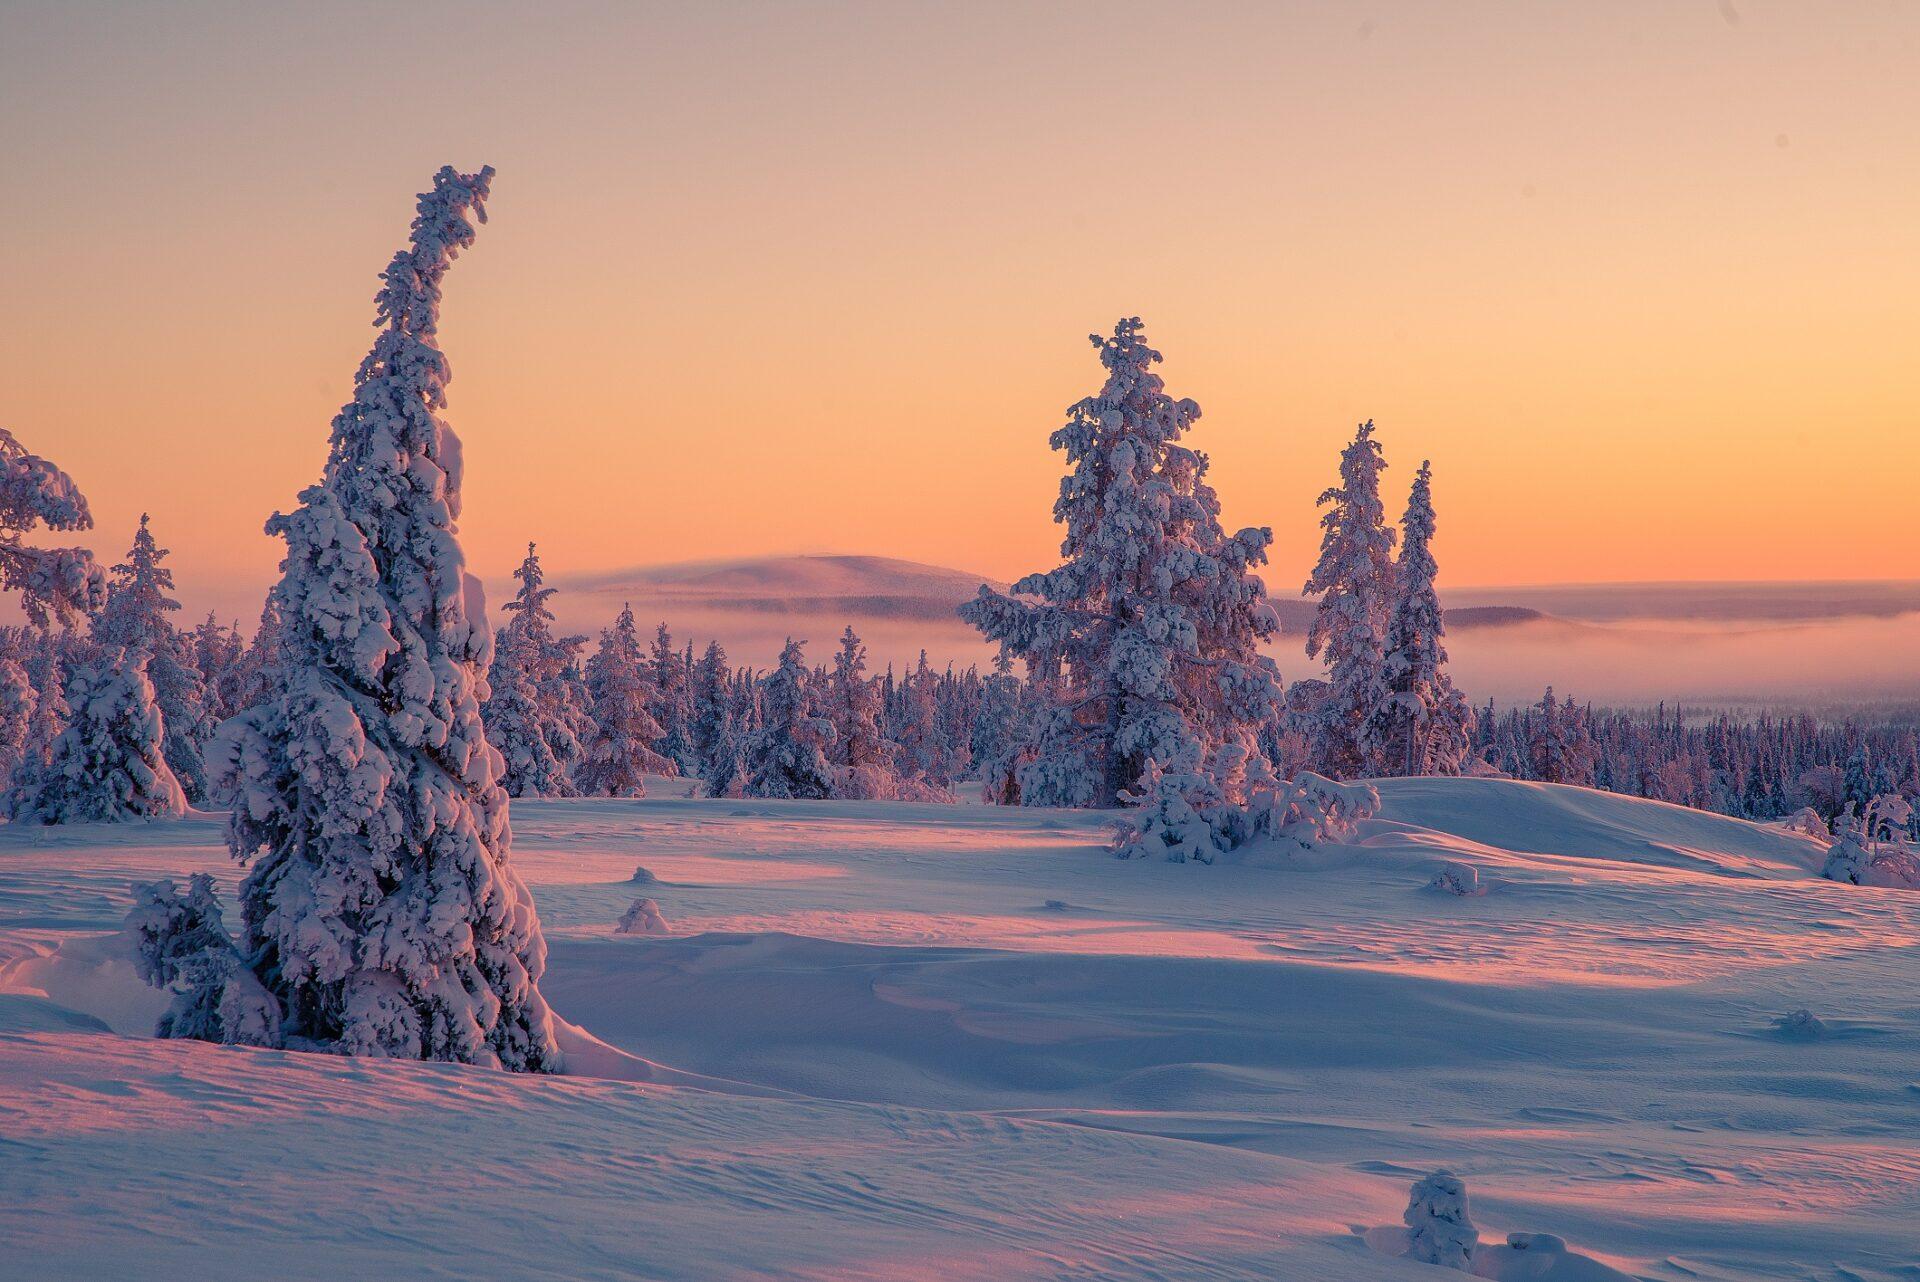 De laagstaande zon zorgt eind januari voor spectaculaire kleuren aan de hemel